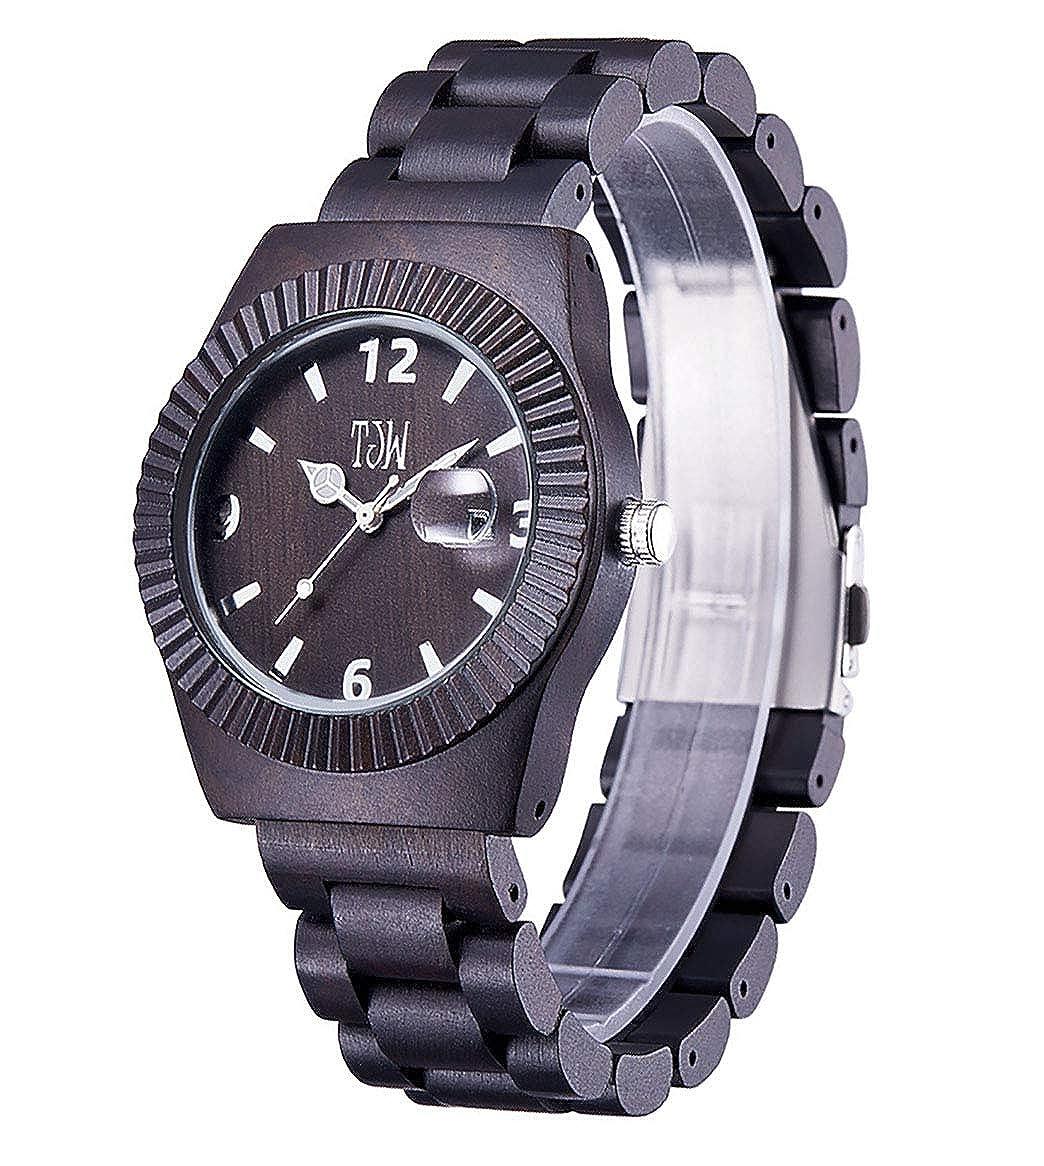 Reloj de Madera de sándalo de ébano, Reloj de Madera Natural Hecho a Mano Vintage, Reloj de Madera de sándalo para Hombre jinyuebrand